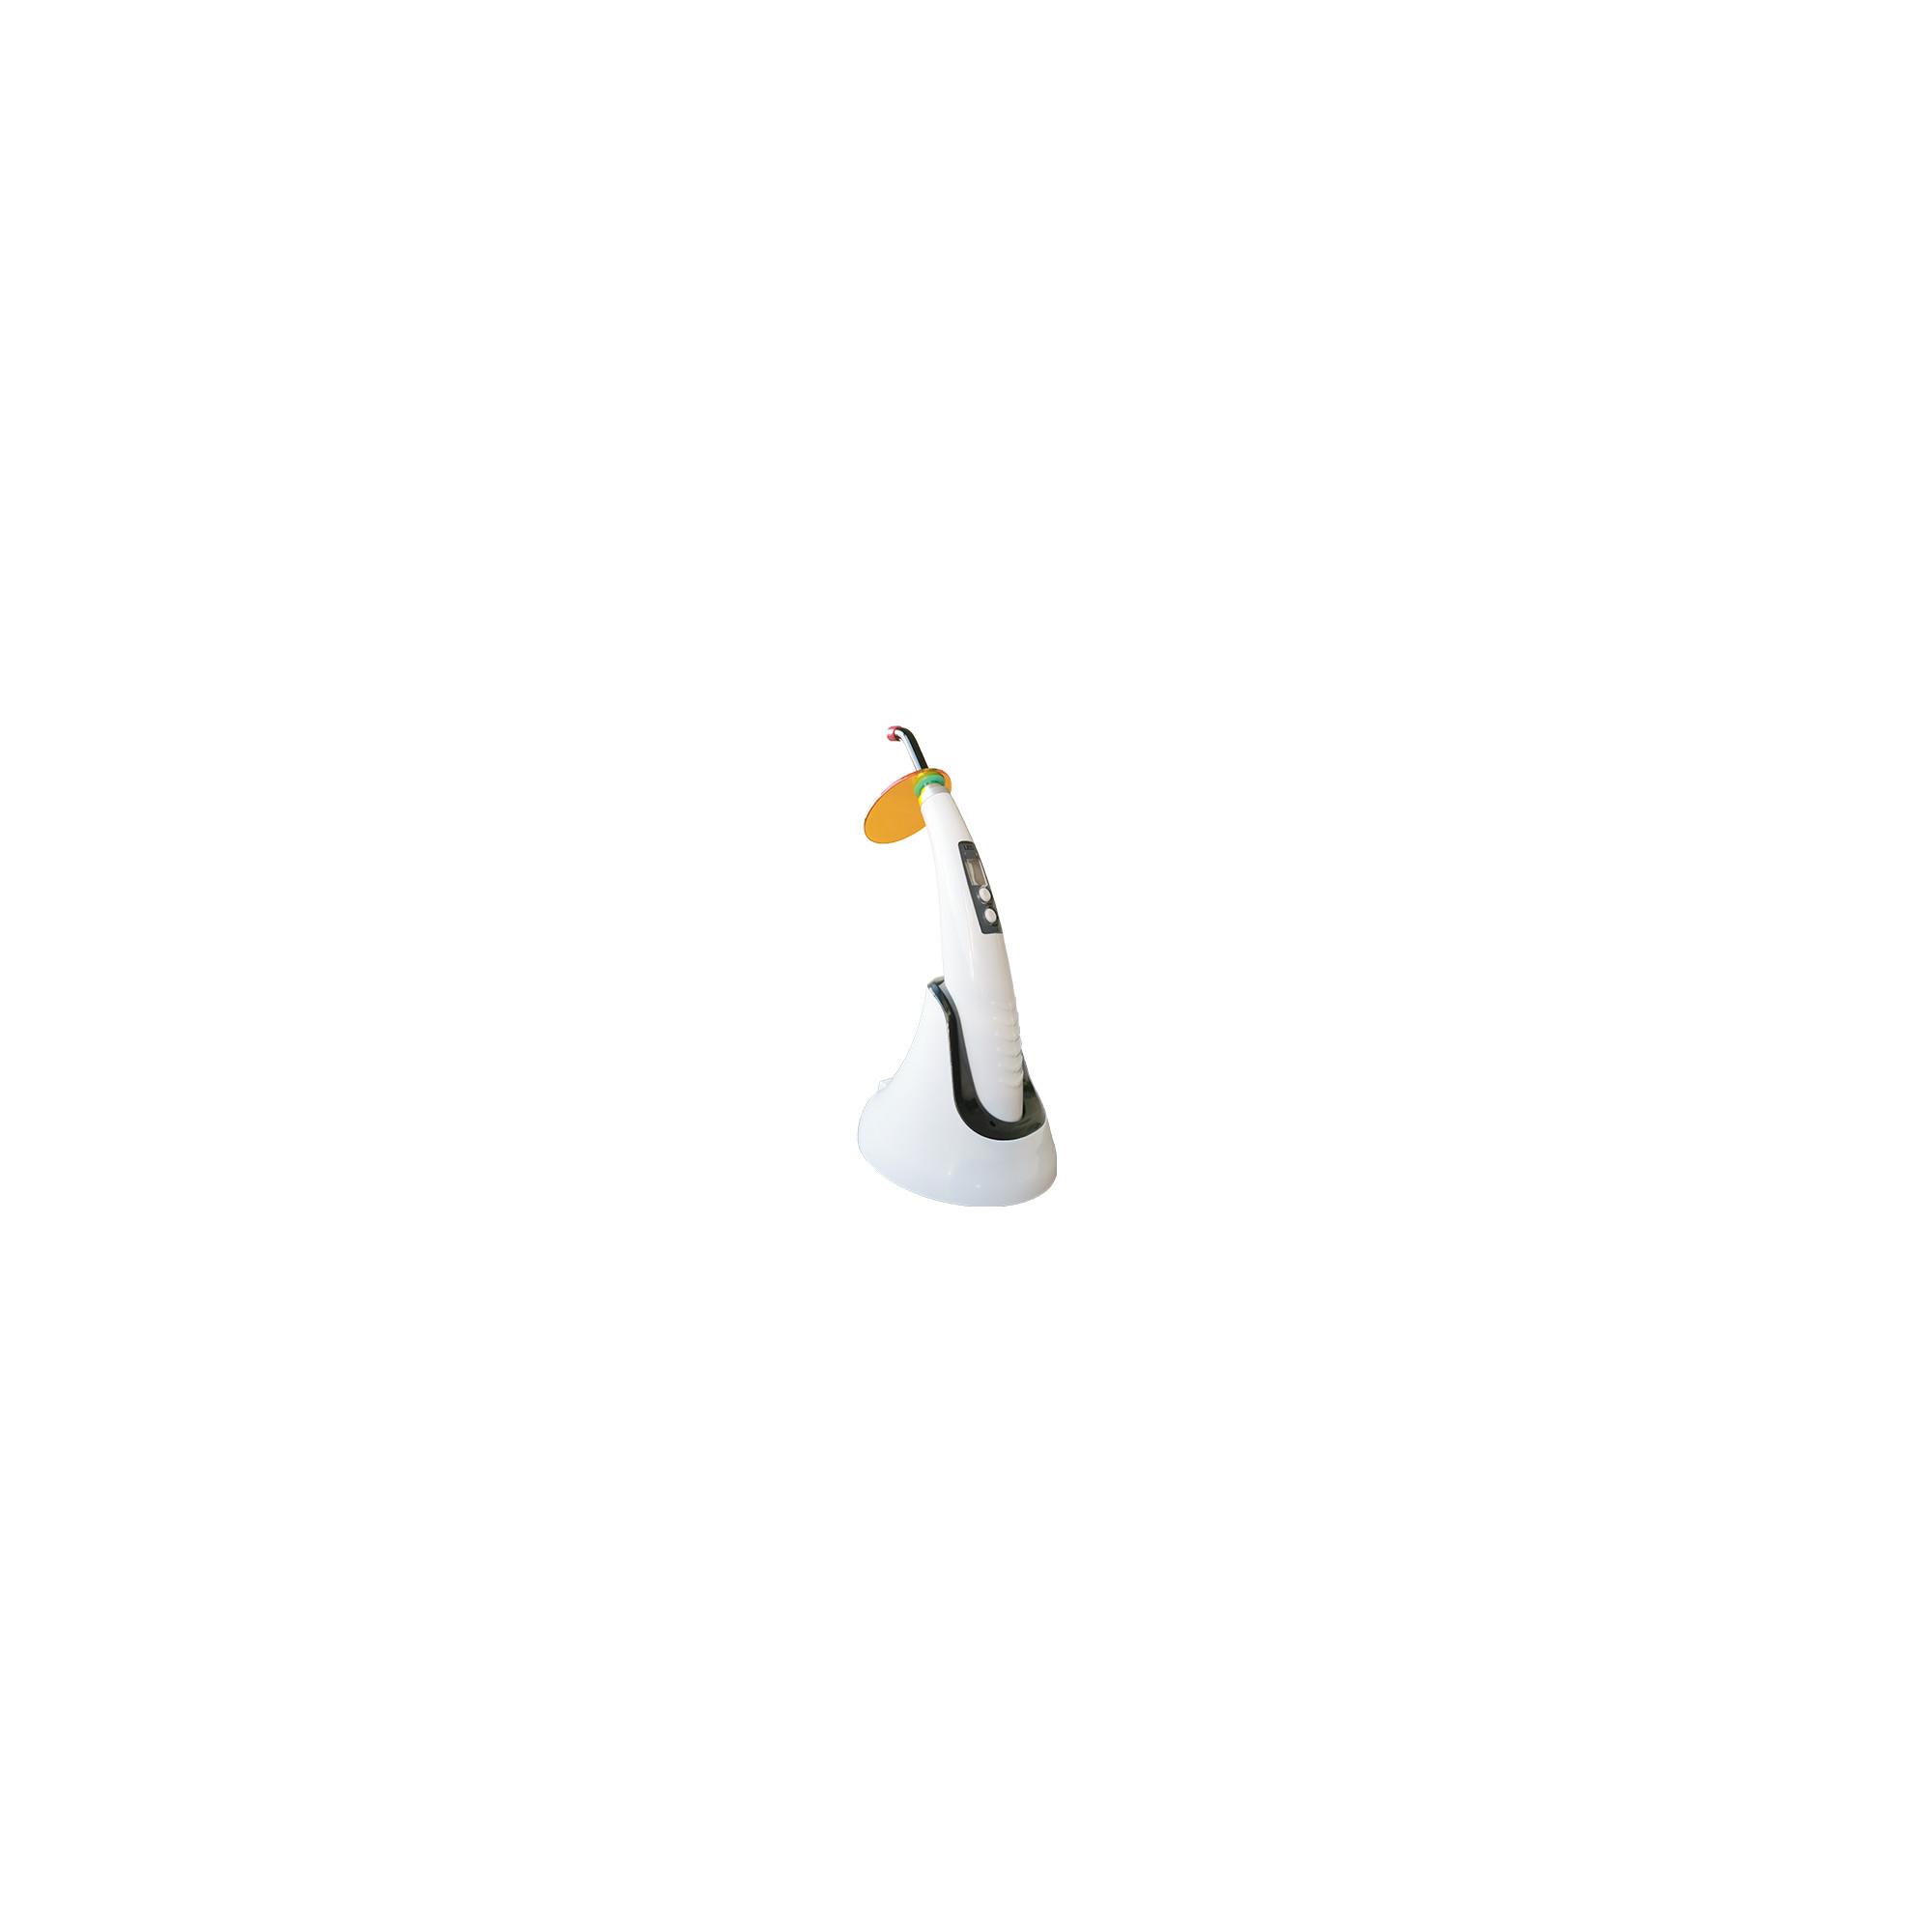 Lampe Led Light Pen à photopolymériser pour Orthonyxie